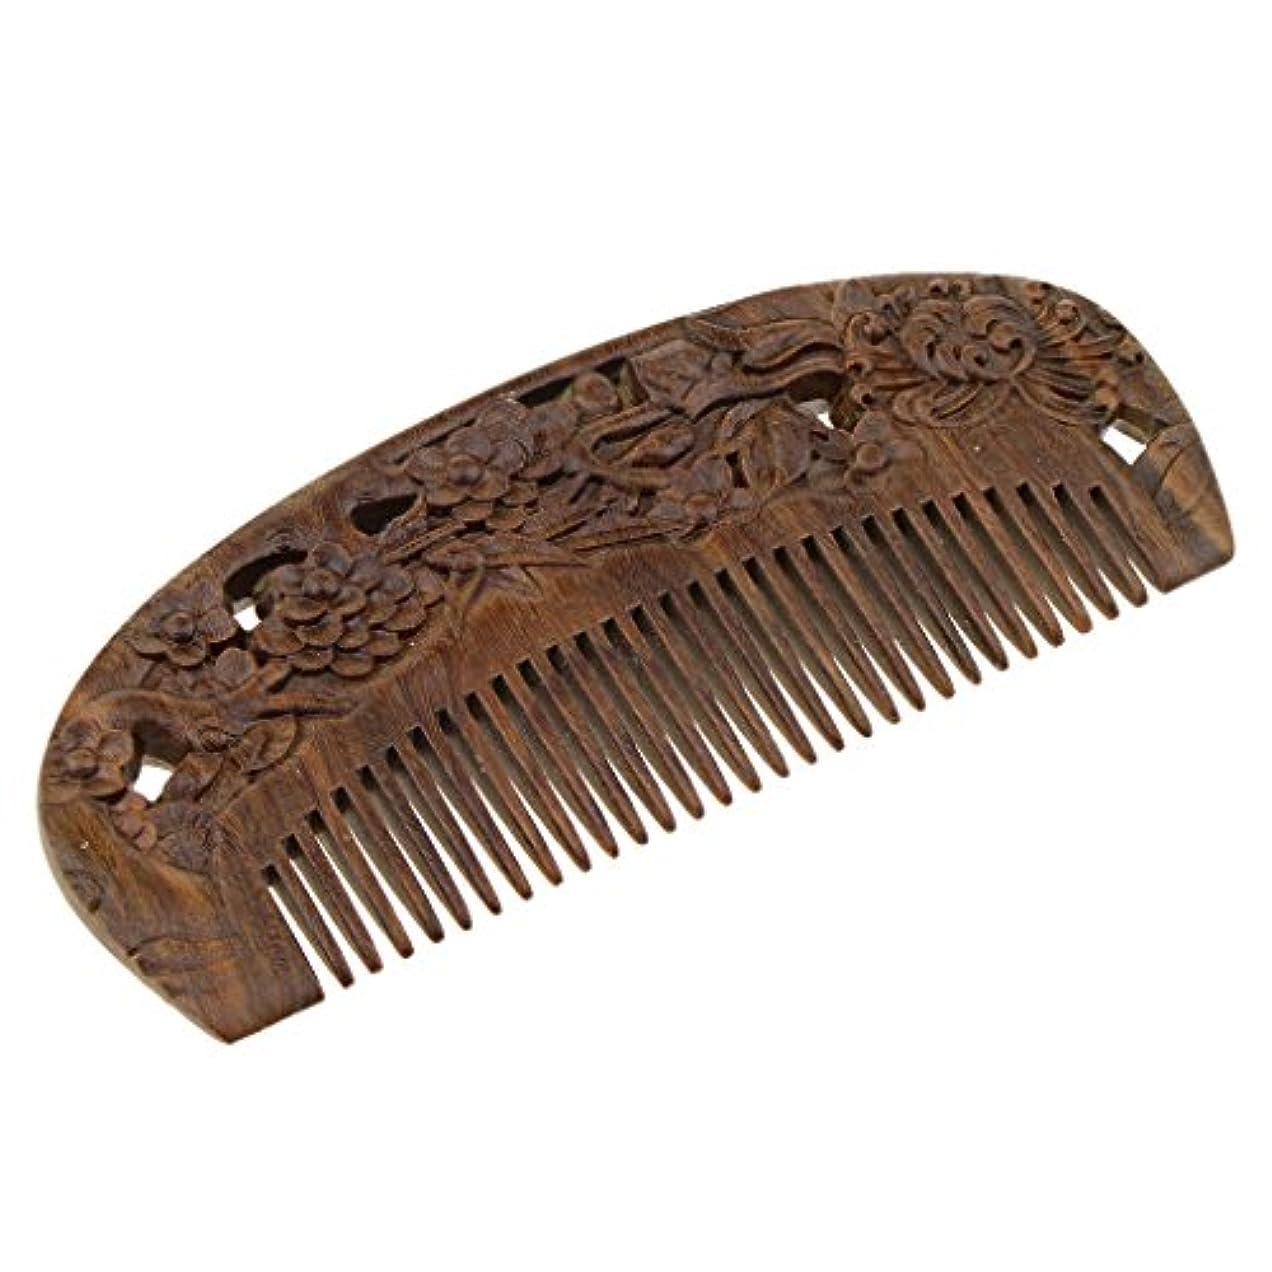 卑しい食事運ぶPerfk ヘアコーム 木製櫛 頭皮マッサージ 櫛 ヘアスタイリング 高品質 2タイプ選べる - #2